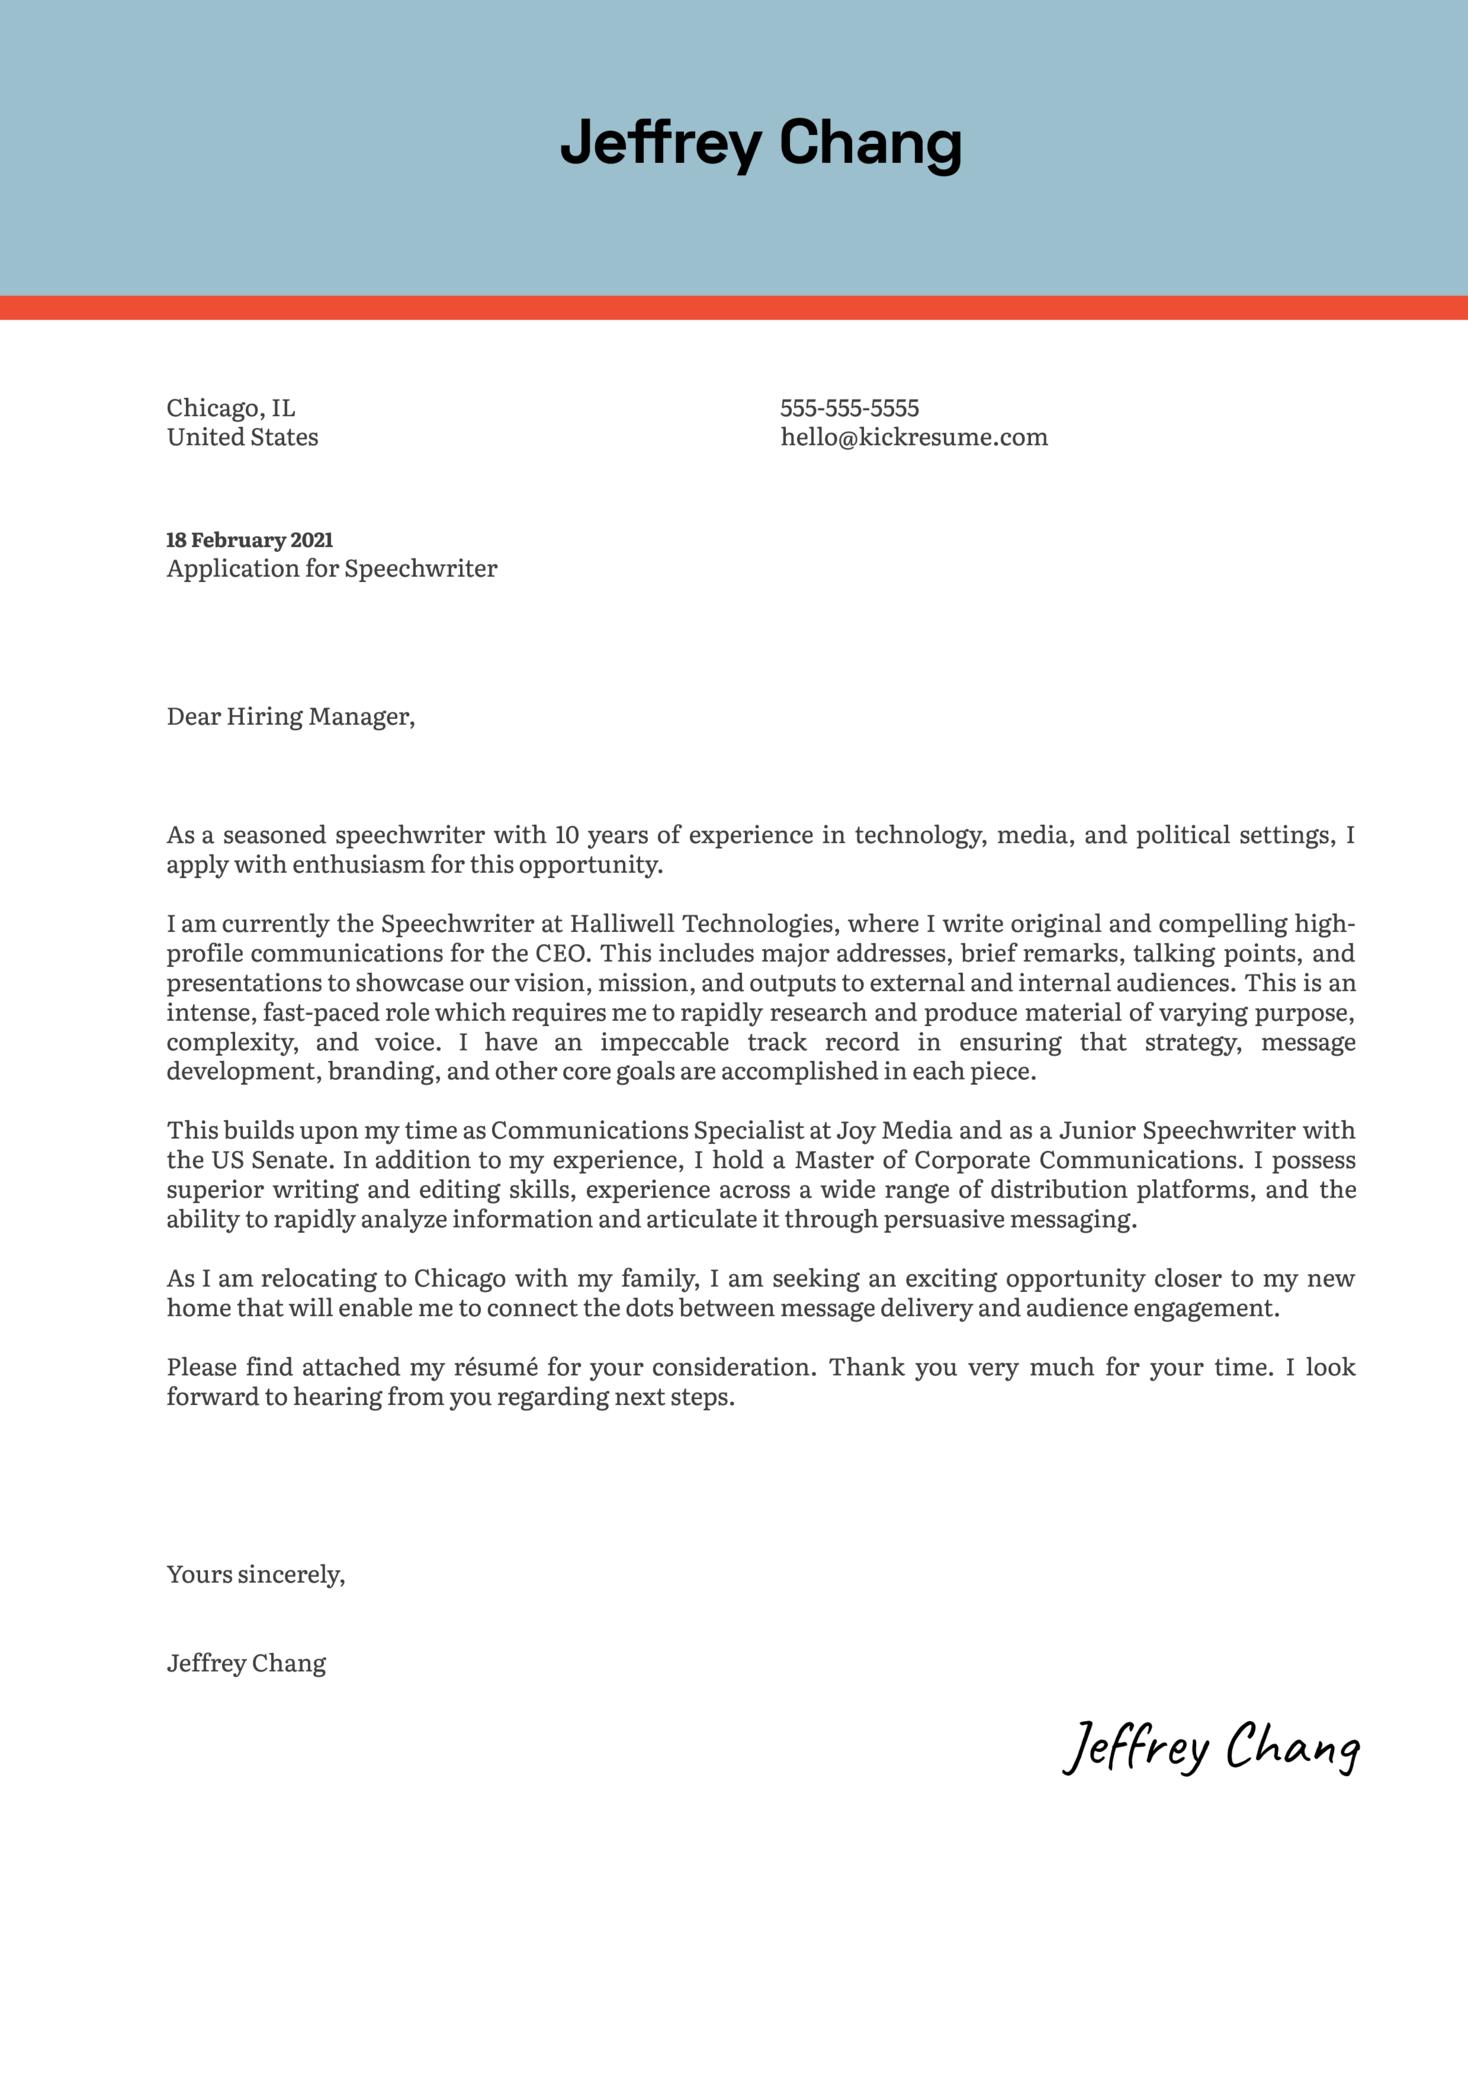 Speechwriter Cover Letter Sample